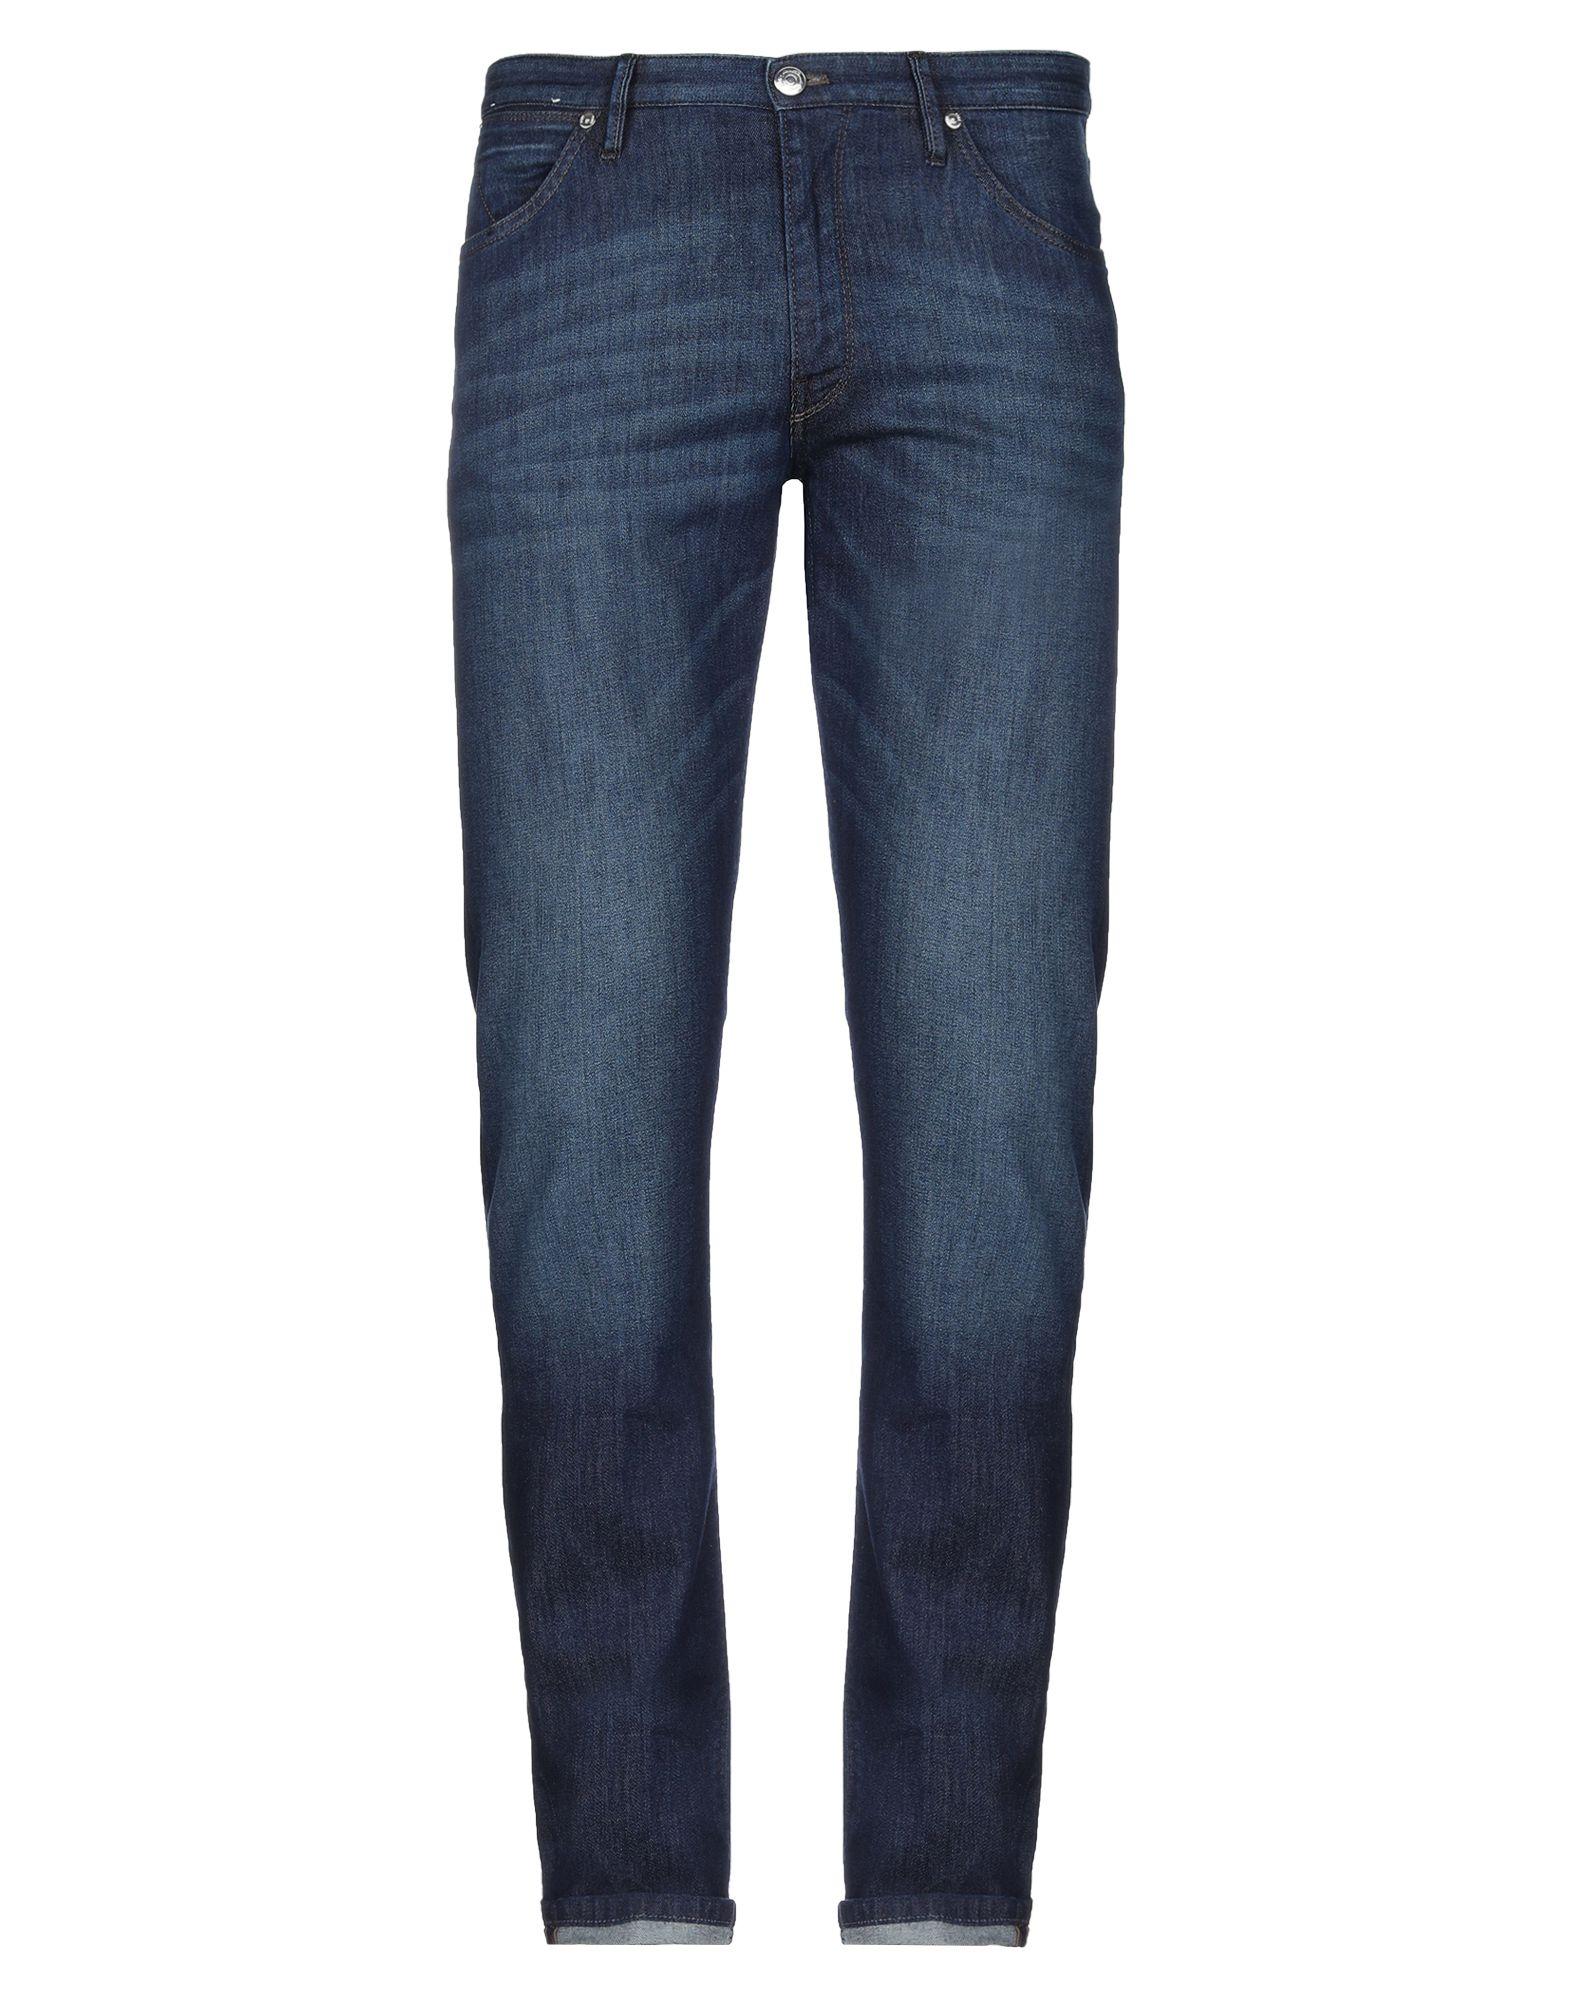 《セール開催中》PT Torino メンズ ジーンズ ブルー 38 コットン 92% / エメリー 6% / ポリウレタン 2%